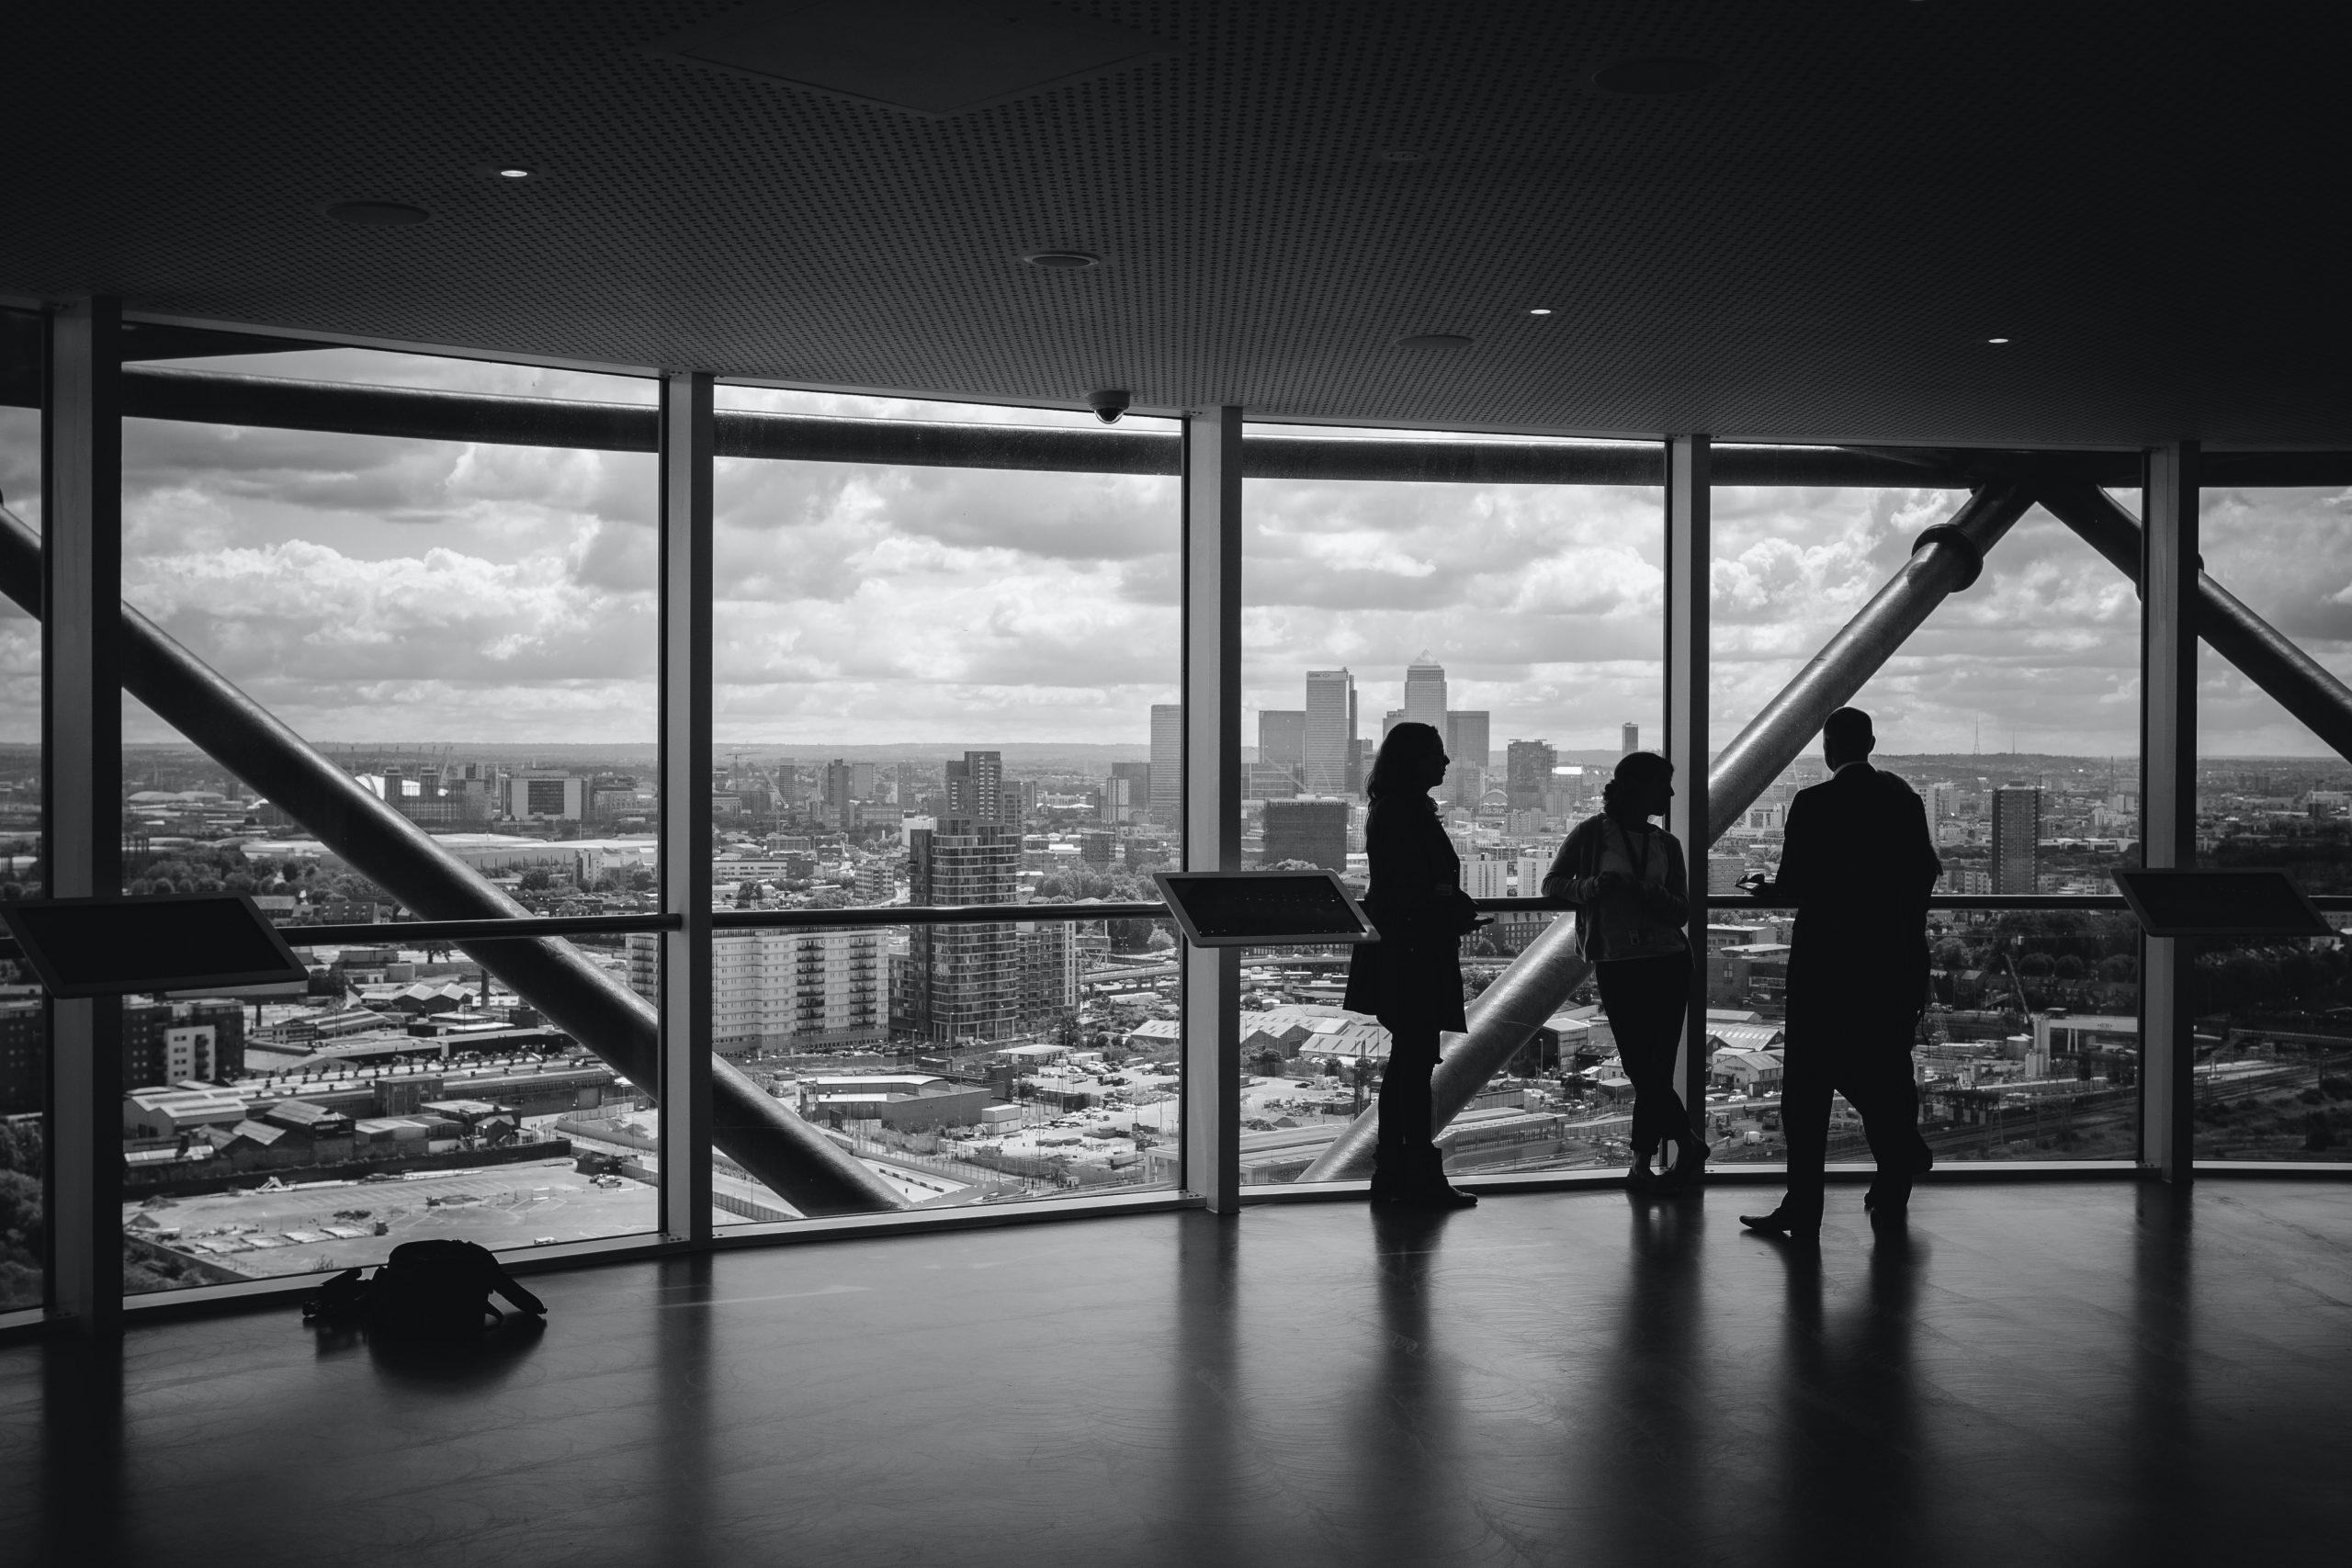 EM is calling – « Communication interne et managériale : comment maintenir l'engagement des collaborateurs en période de crise du Covid ? » avec Brigitte Cachon, Directrice Communication, Innovation et RSE du groupe Orpea<